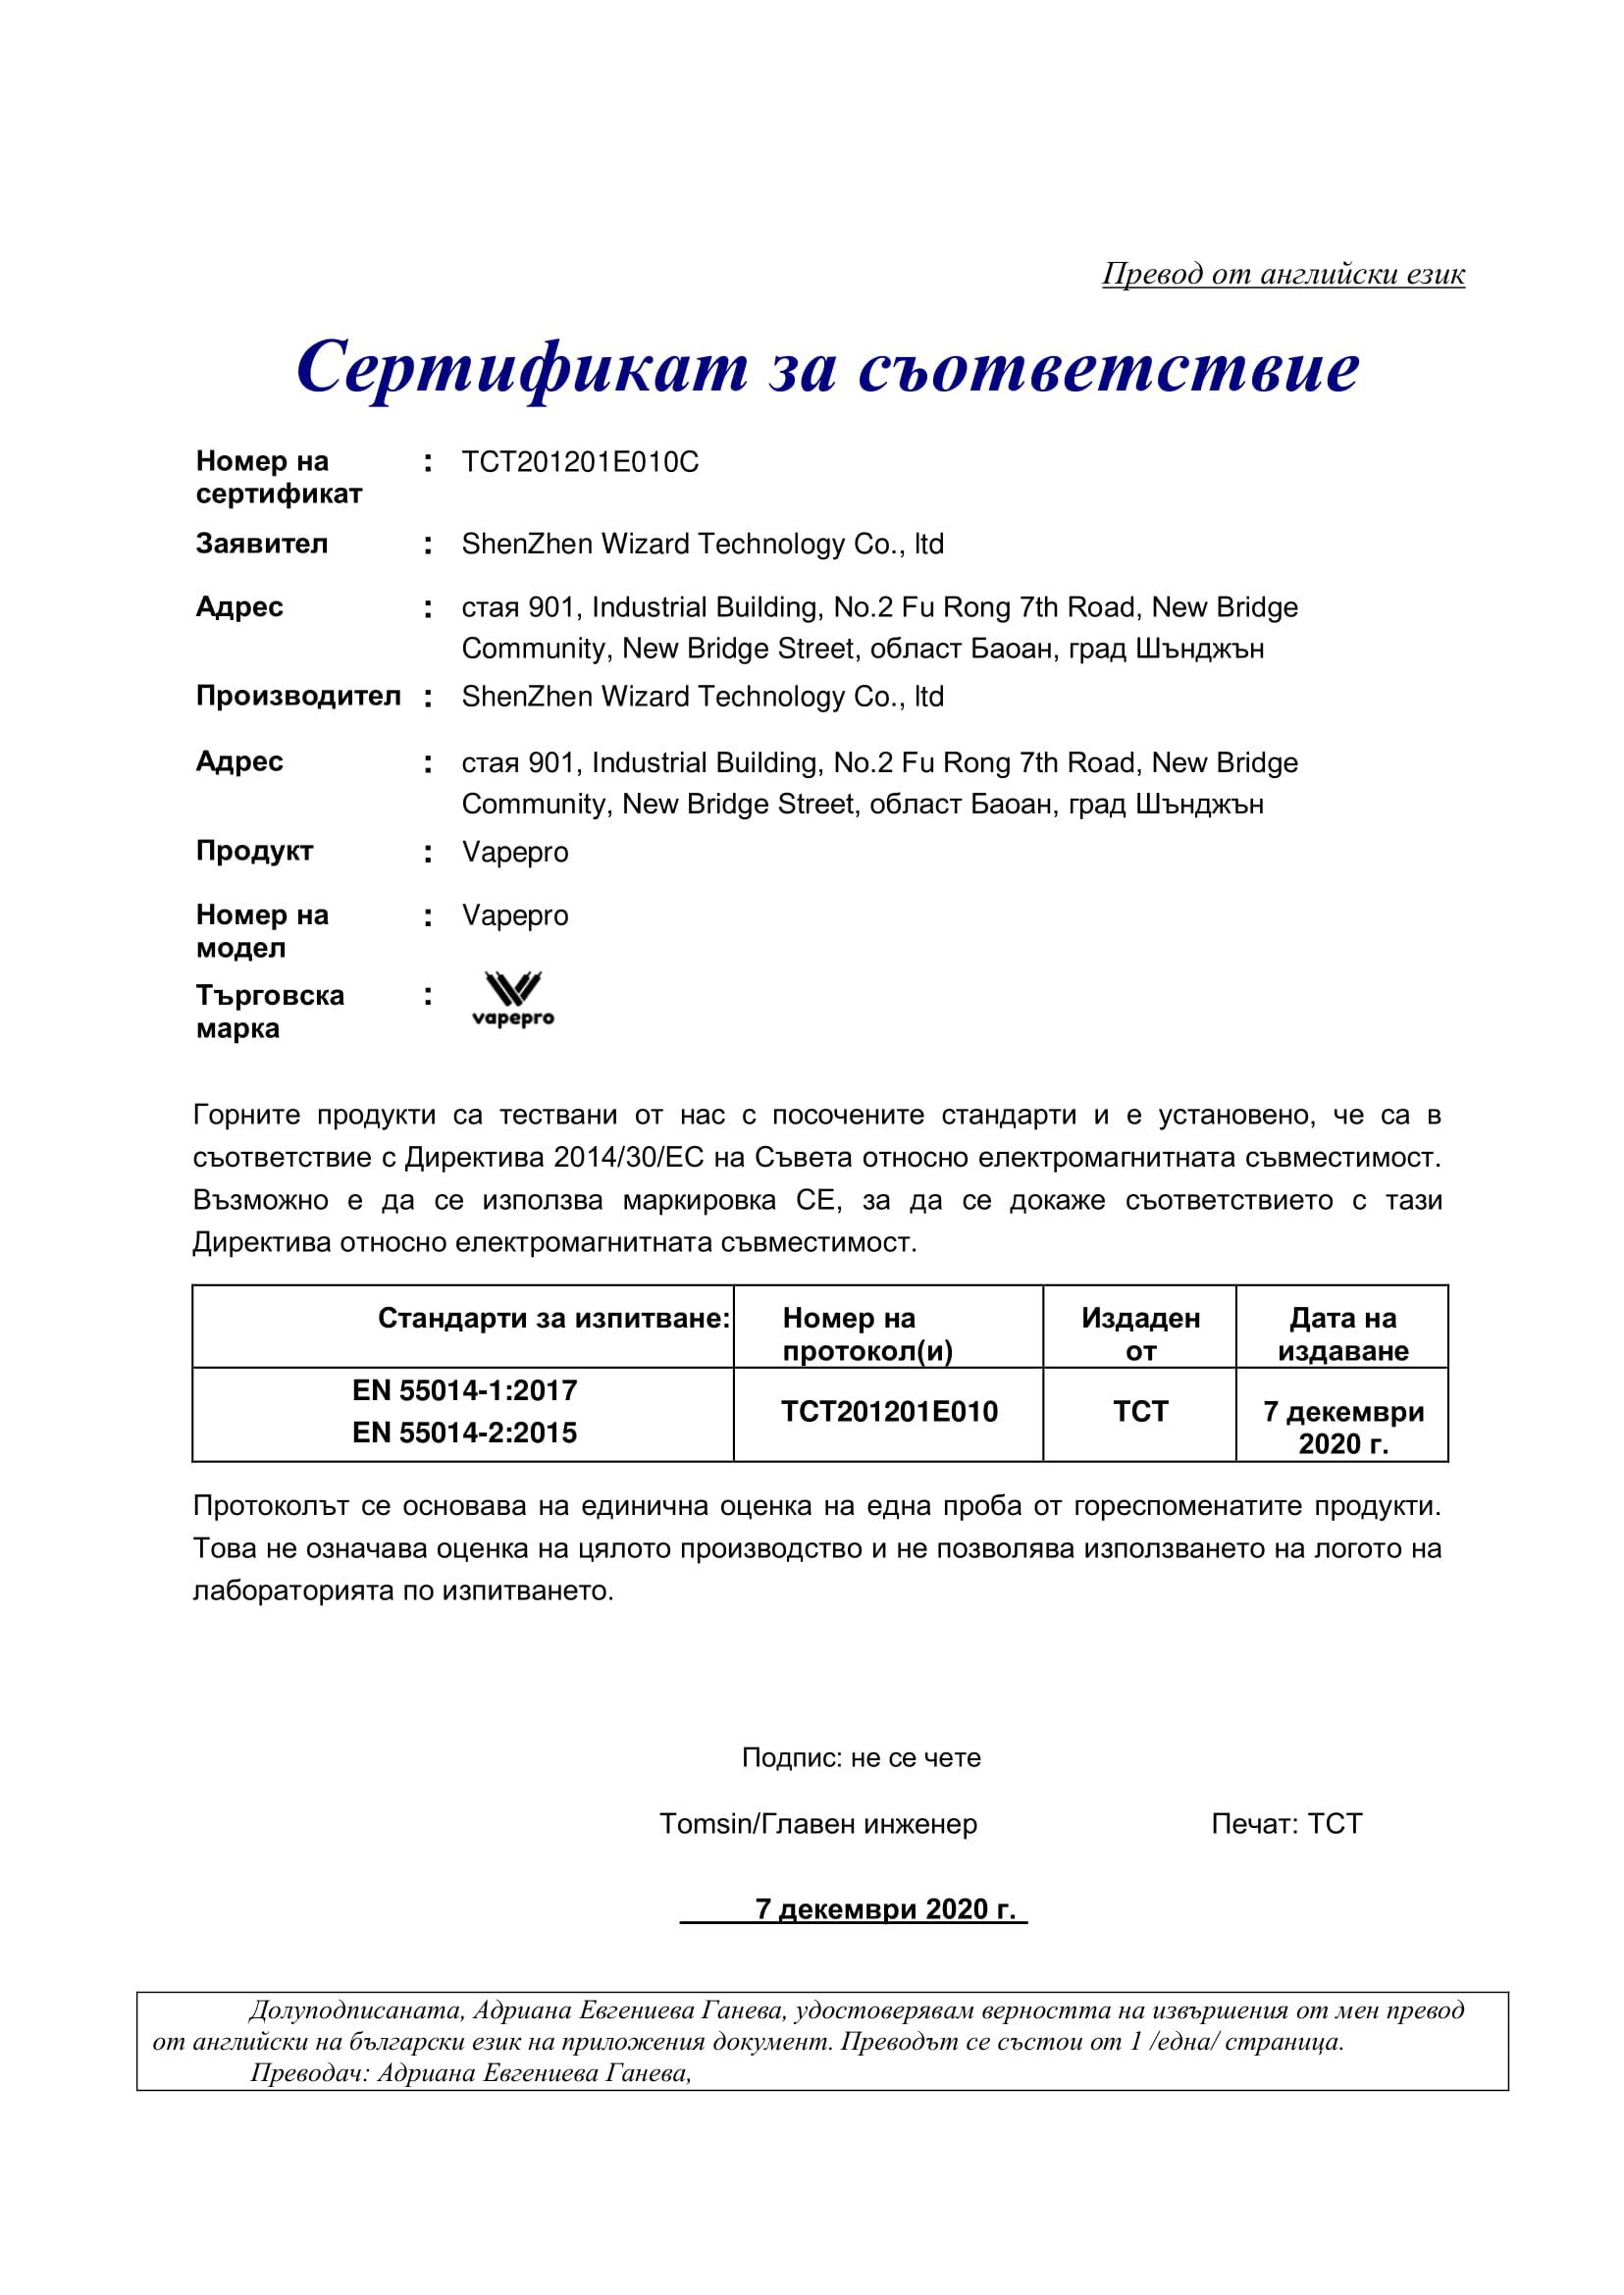 сертификат за съответсвие